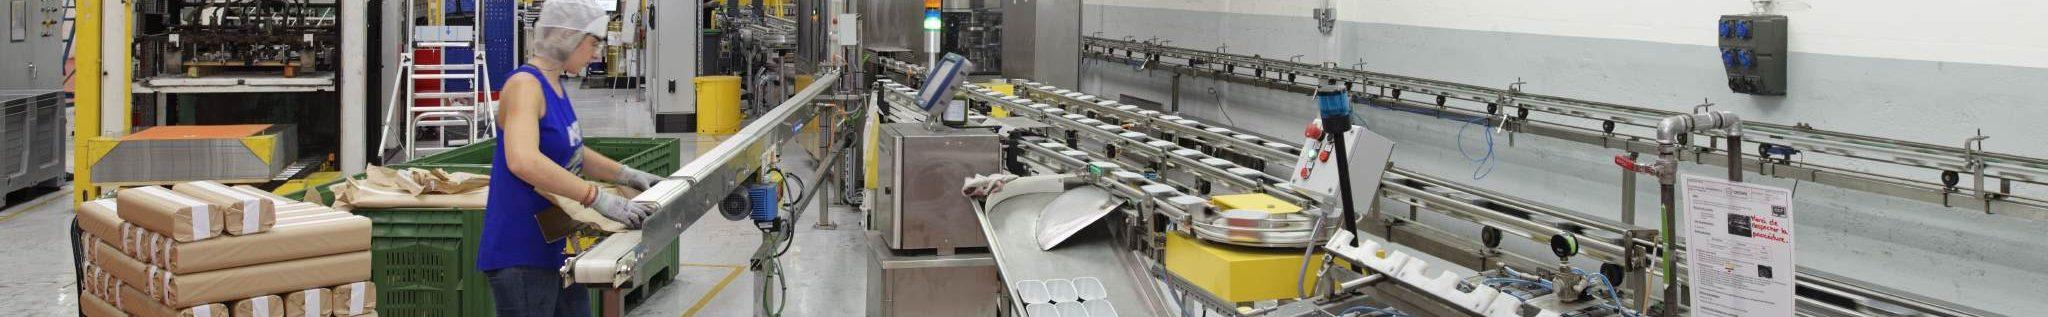 une opératrice sur une ligne de fabrication